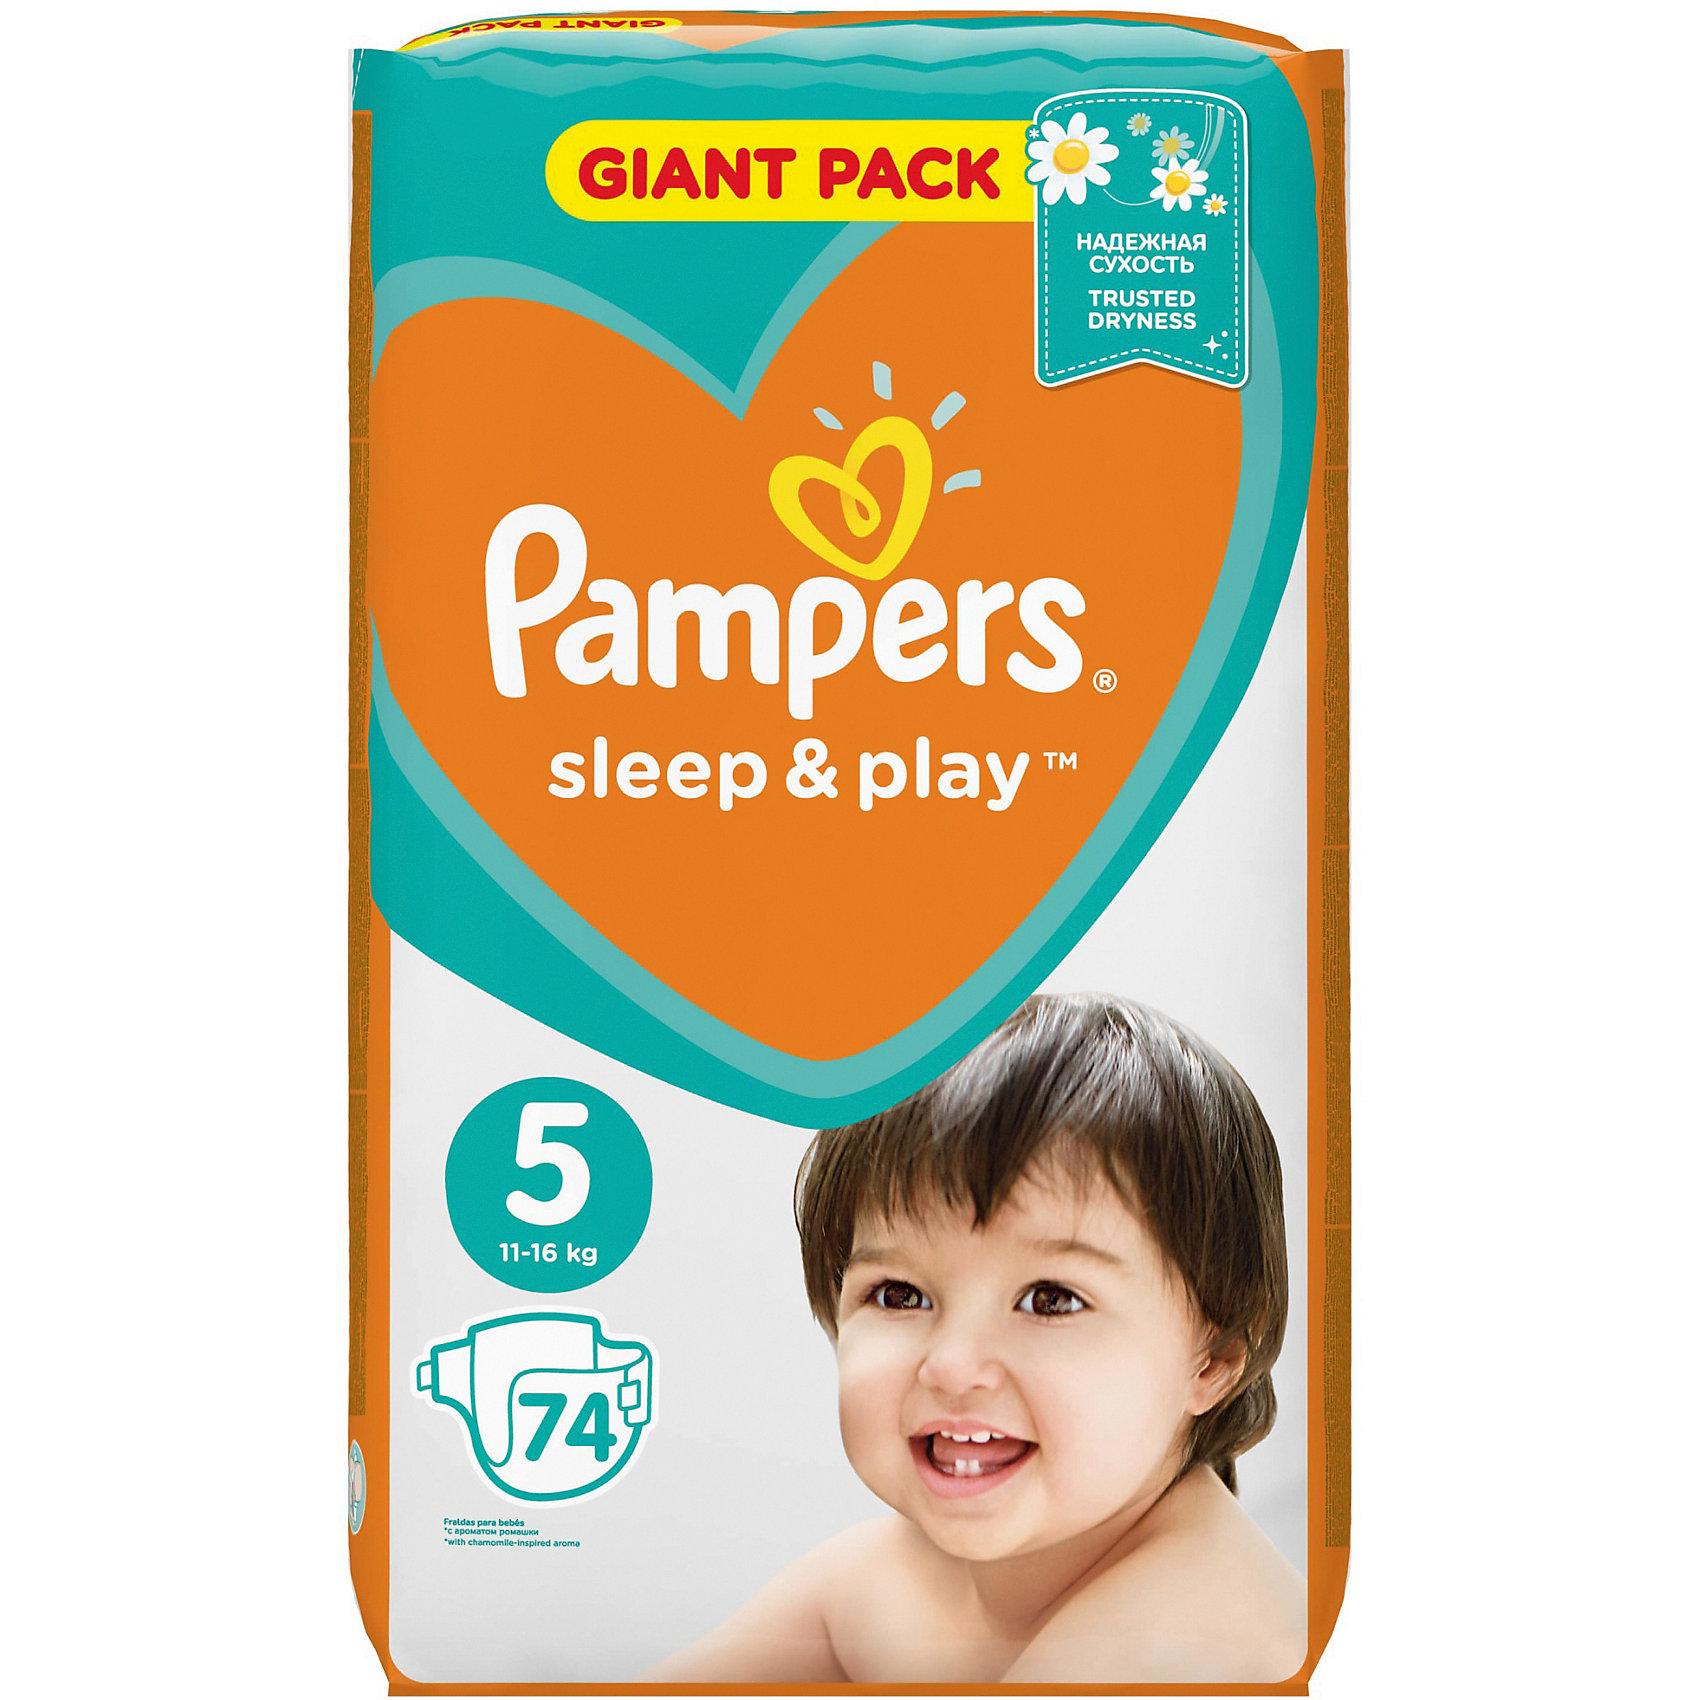 Подгузники Pampers Sleep &amp; Play, 11-18 кг, 5 размер, 74 шт., PampersПодгузники классические<br>Характеристики:<br><br>• Пол: универсальный<br>• Тип подгузника: одноразовый<br>• Коллекция: Sleep &amp; Play<br>• Предназначение: для использования в любое время суток <br>• Размер: 5<br>• Вес ребенка: от 11 до 18 кг<br>• Количество в упаковке: 74 шт.<br>• Упаковка: пакет<br>• Размер упаковки: 29,8*11,8*44 см<br>• Вес в упаковке: 2 кг 212 г<br>• Эластичные застежки-липучки<br>• Быстро впитывающий слой<br>• Яркий дизайн<br>• Сохранение сухости в течение 9-ти часов<br>• Содержит экстракт ромашки<br><br>Подгузники Pampers Sleep &amp; Play, 11-18 кг, 5 размер, 74 шт., Pampers – это линейка классических детских подгузников от Pampers, которая сочетает в себе качество и безопасность материалов, удобство использования и комфорт для нежной кожи малыша. Подгузники предназначены для младенцев весом до 18 кг. Инновационные технологии и современные материалы обеспечивают этим подгузникам Дышащие свойства, что особенно важно для кожи малыша. <br><br>Впитывающие свойства изделию обеспечивает уникальный слой, который равномерно распределяет влагу внутри подгузника, при этом сохраняя сухость верхнего слоя. У подгузников предусмотрена эластичная мягкая резиночка на спинке. Широкие липучки с двух сторон обеспечивают надежную фиксацию. В составе подгузника имеется экстракт ромашки, который защищает кожу ребенка от раздражений. Подгузник подходит как для мальчиков, так и для девочек. <br><br>Подгузники Pampers Sleep &amp; Play, 11-18 кг, 5 размер, 74 шт., Pampers можно купить в нашем интернет-магазине.<br><br>Ширина мм: 298<br>Глубина мм: 118<br>Высота мм: 440<br>Вес г: 2212<br>Возраст от месяцев: 12<br>Возраст до месяцев: 36<br>Пол: Унисекс<br>Возраст: Детский<br>SKU: 5419064